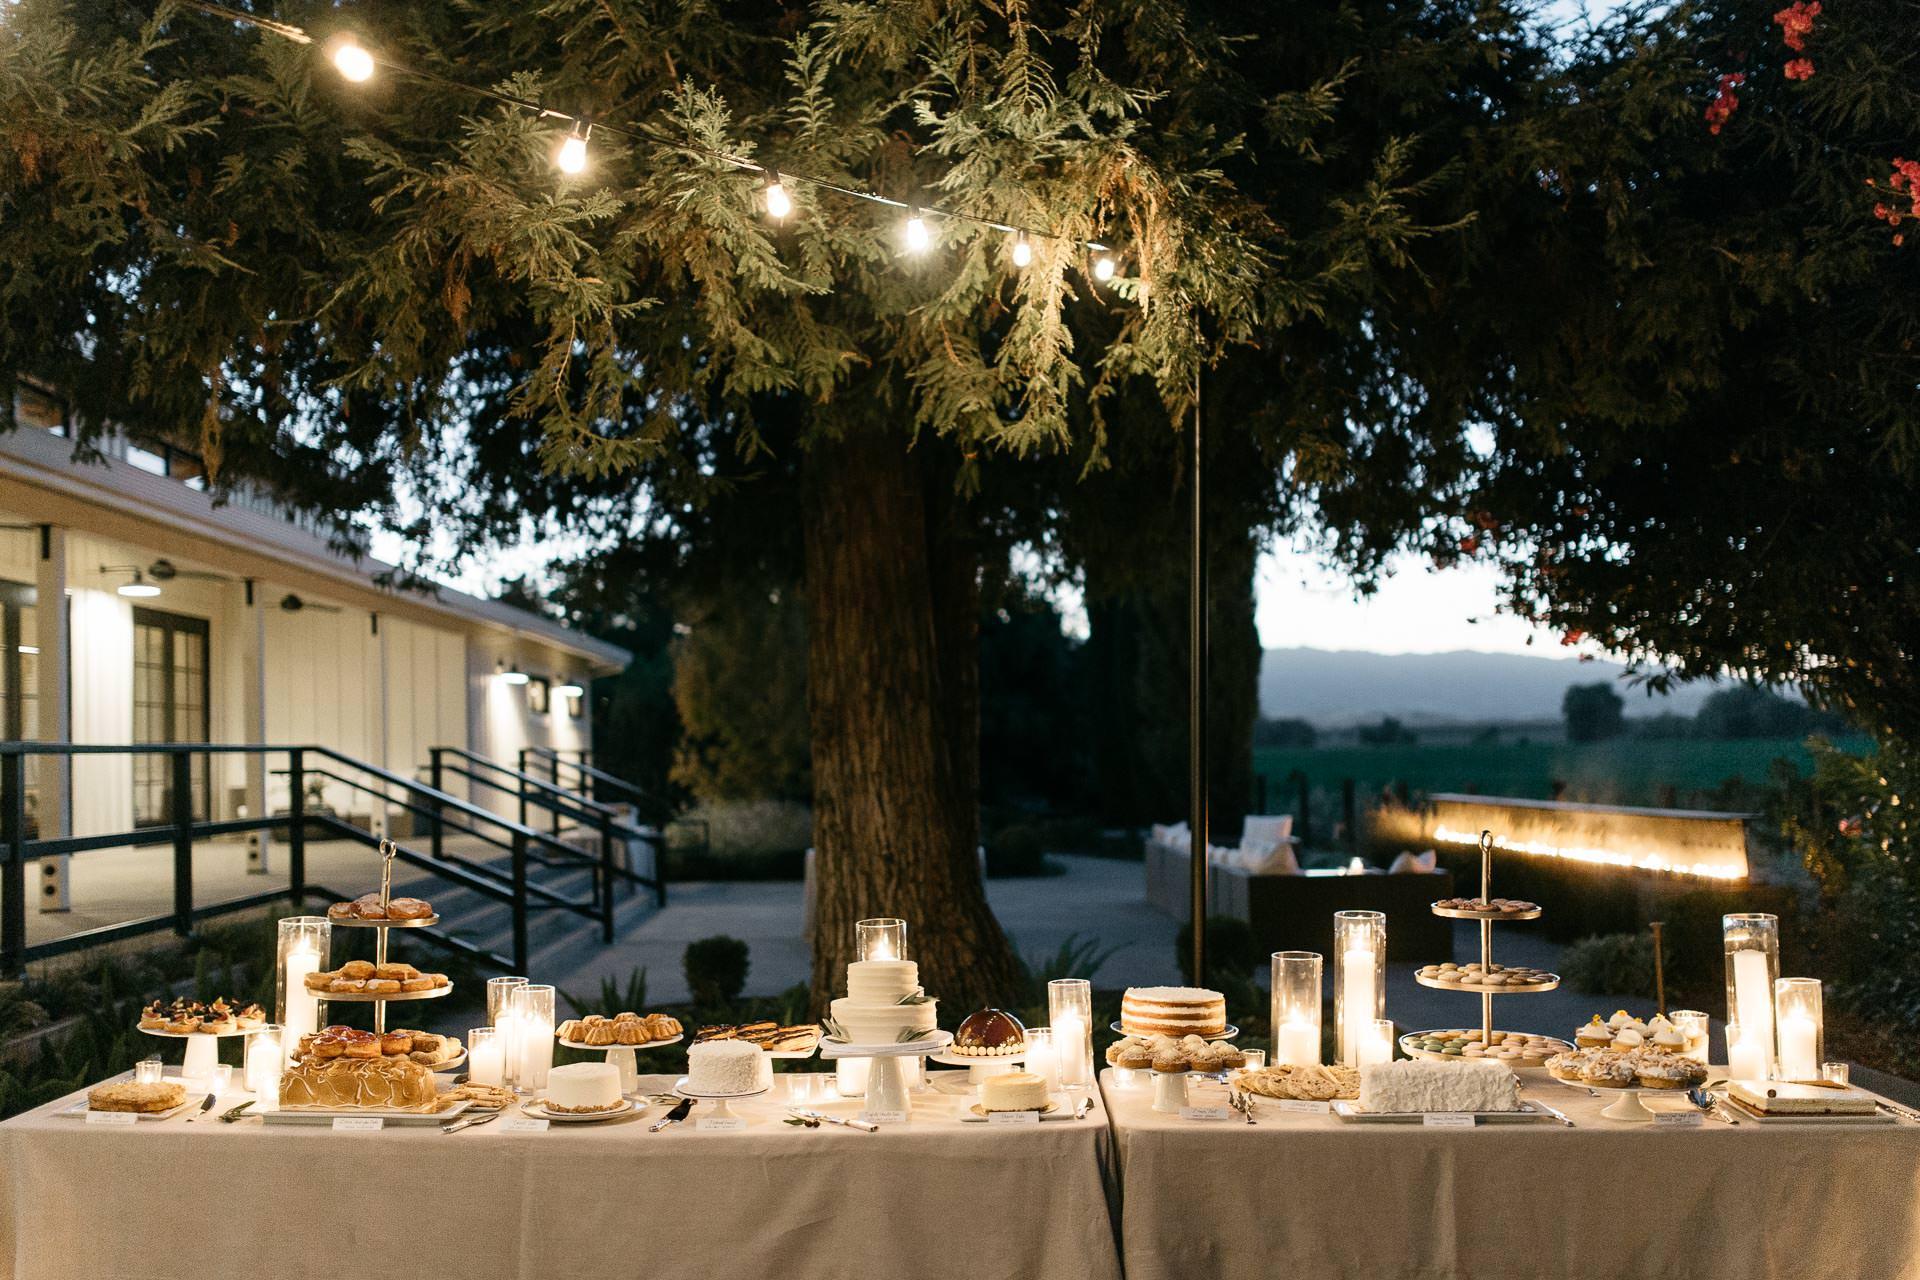 lauren_graham_wedding_california_park_winters_jeanlaurentgaudy_083